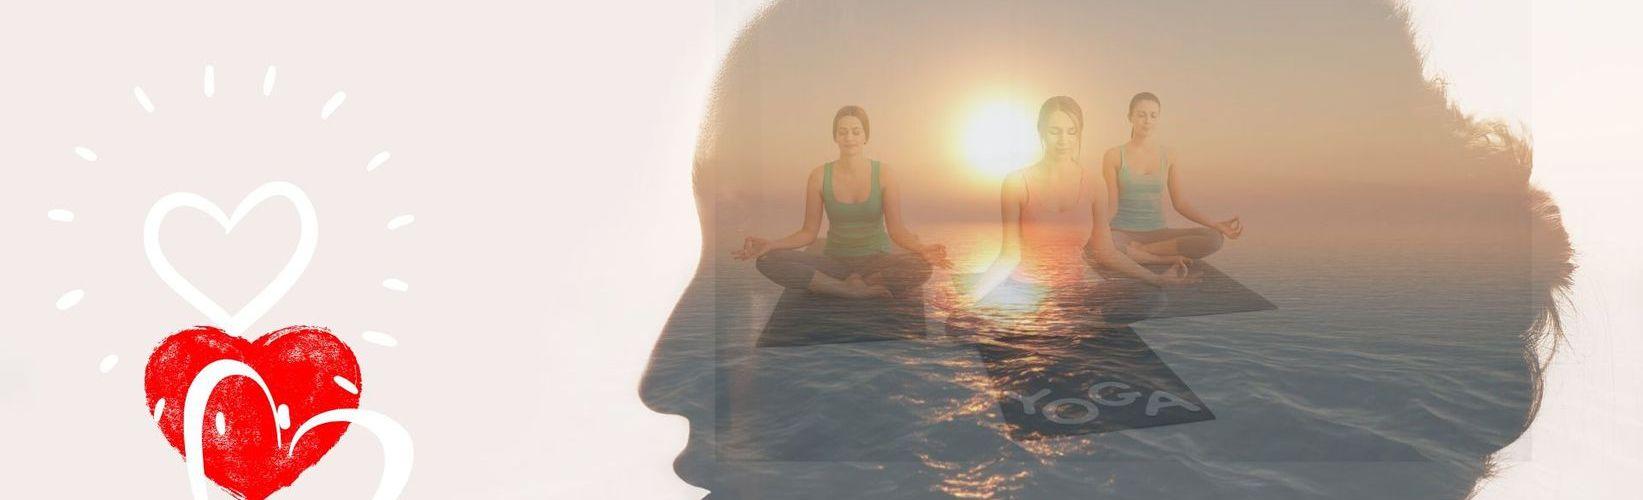 Universoyoga ® -Armonía Cuerpo, Mente y Emociones